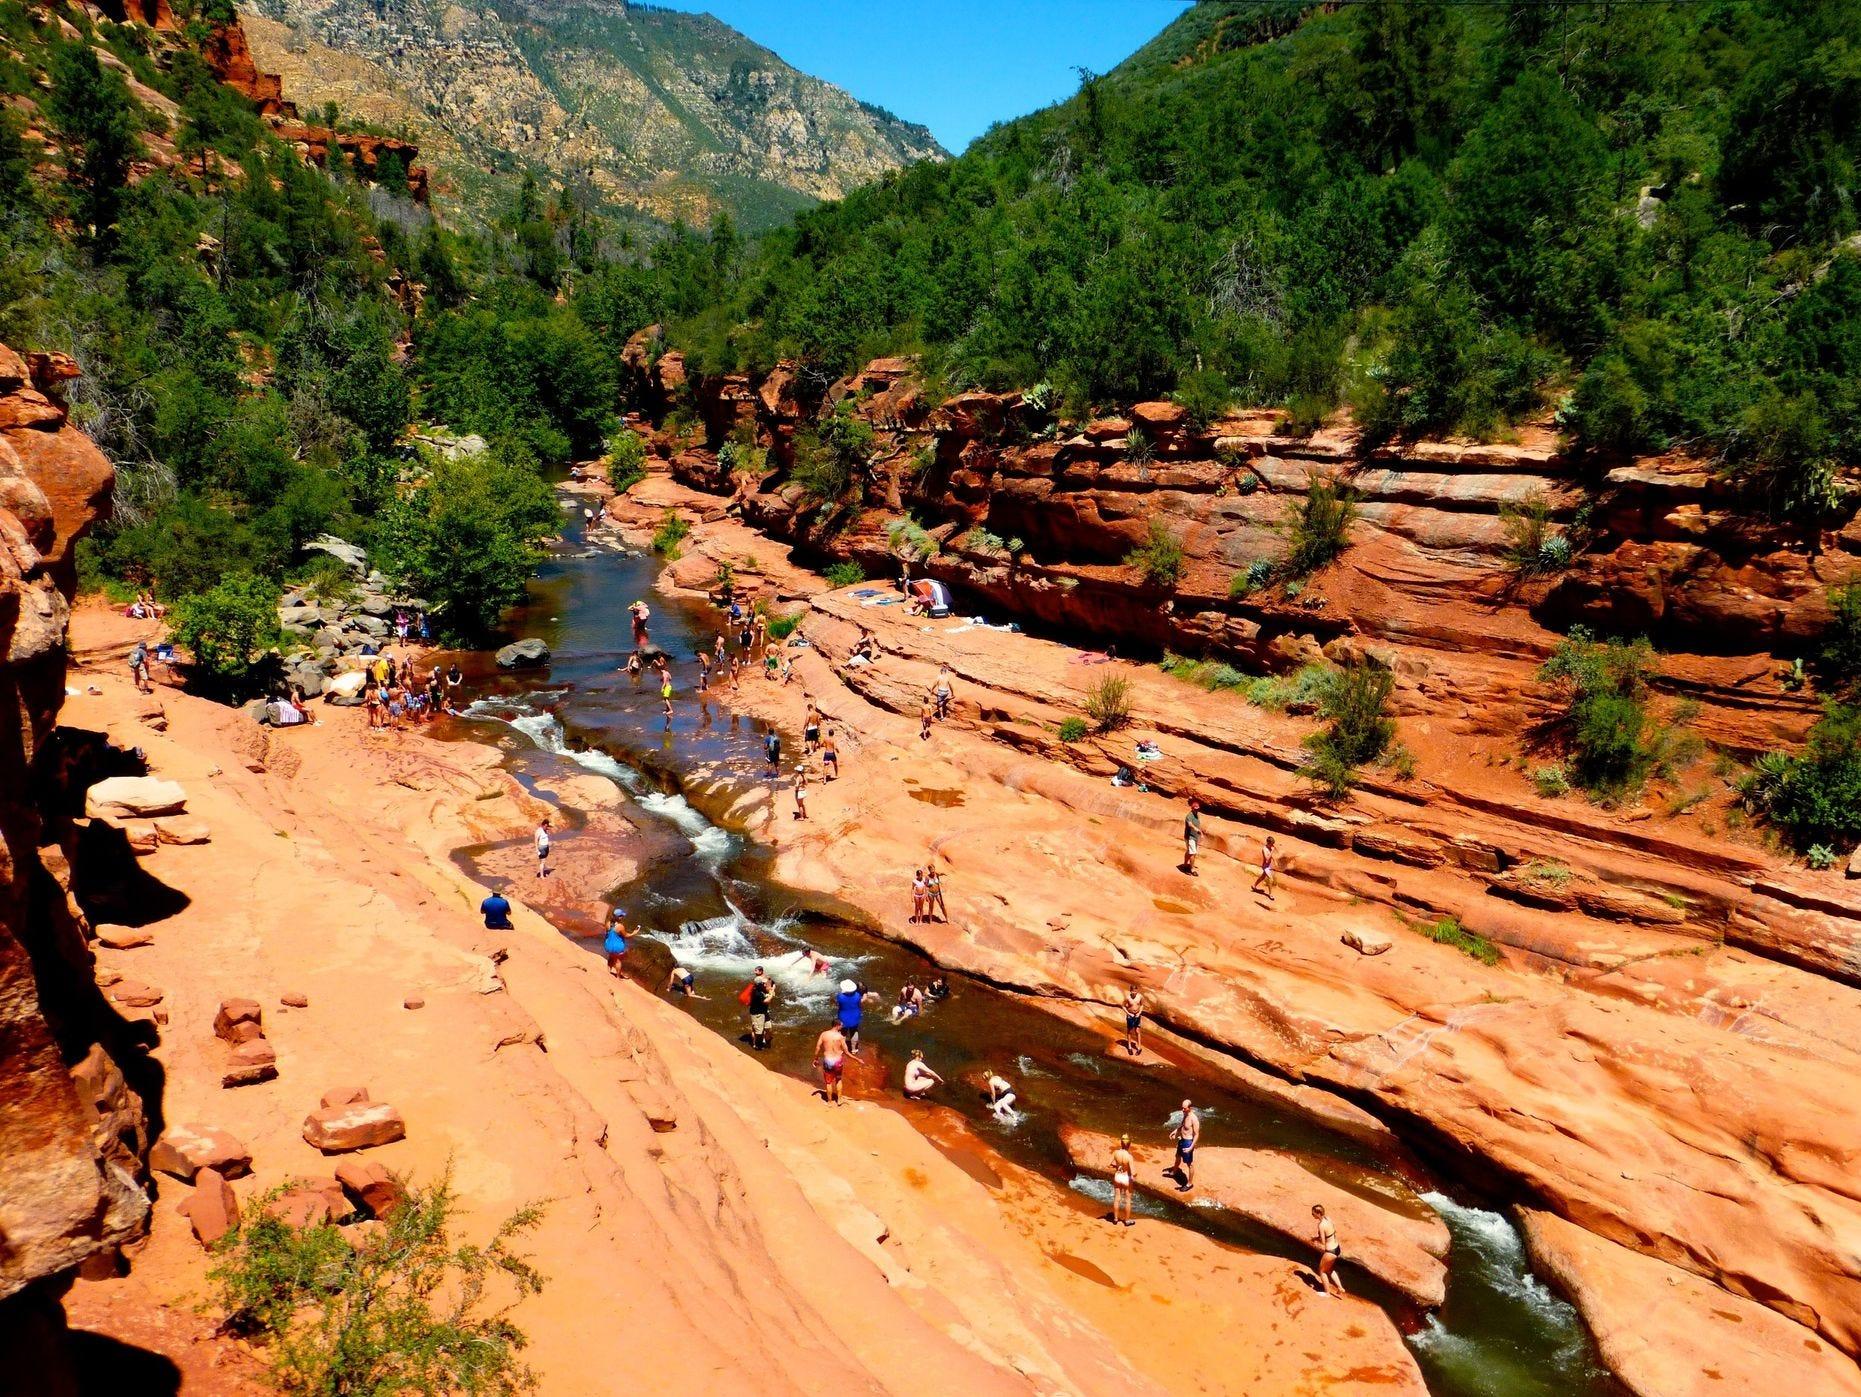 Slide Rock en Oak Creek Canyon, al norte de Sedona, es uno de los lugares para nadar más famosos del sudoeste.